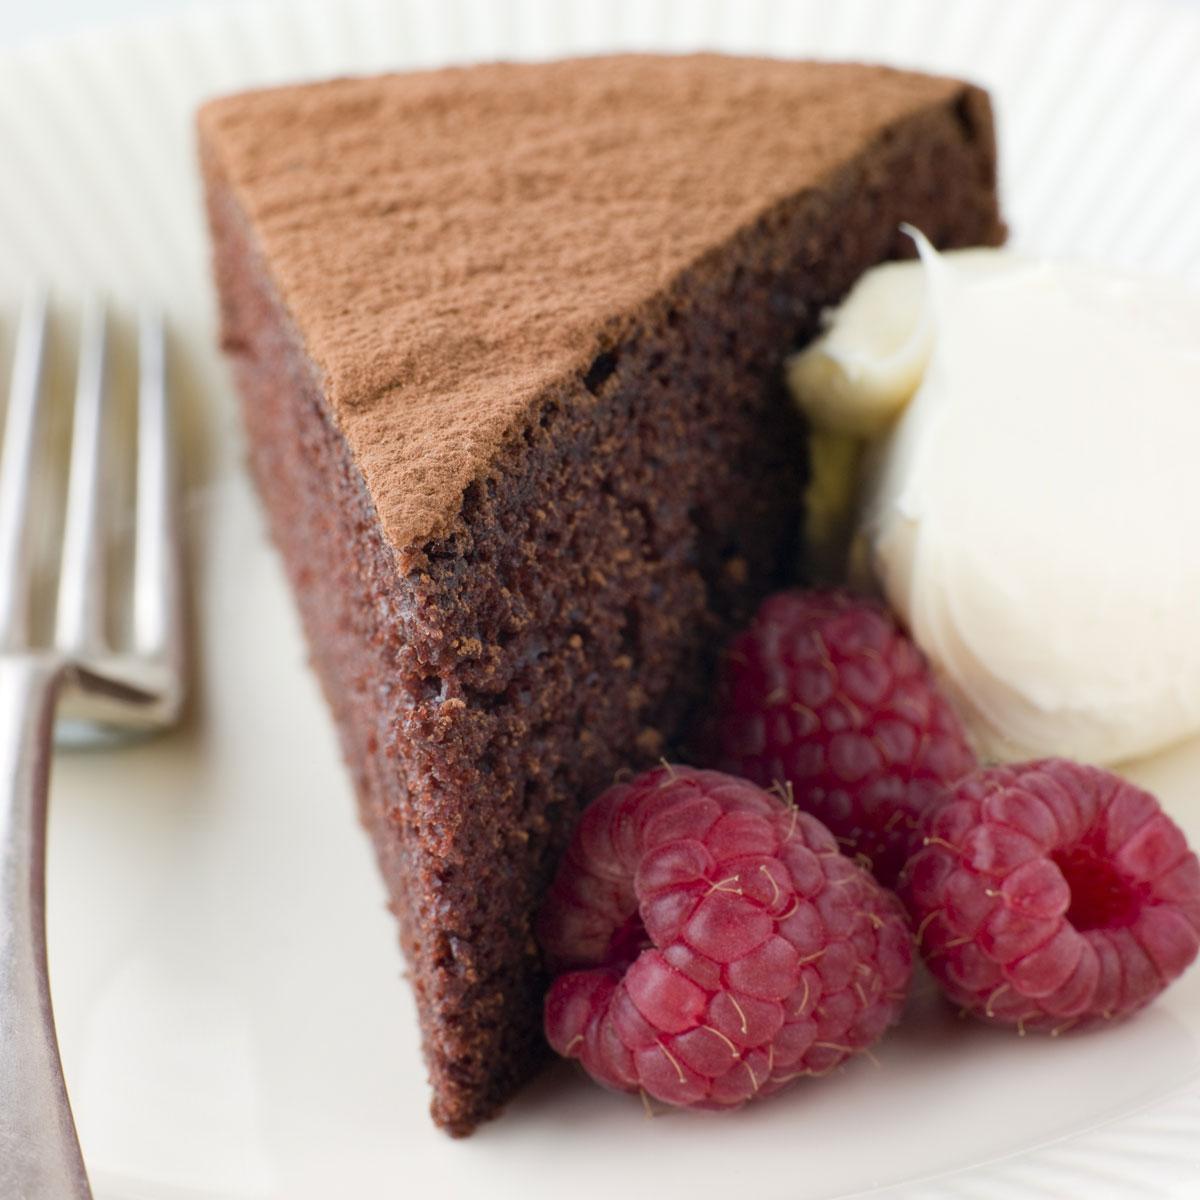 recette biscuit au chocolat sans gluten ni lait cuisine. Black Bedroom Furniture Sets. Home Design Ideas